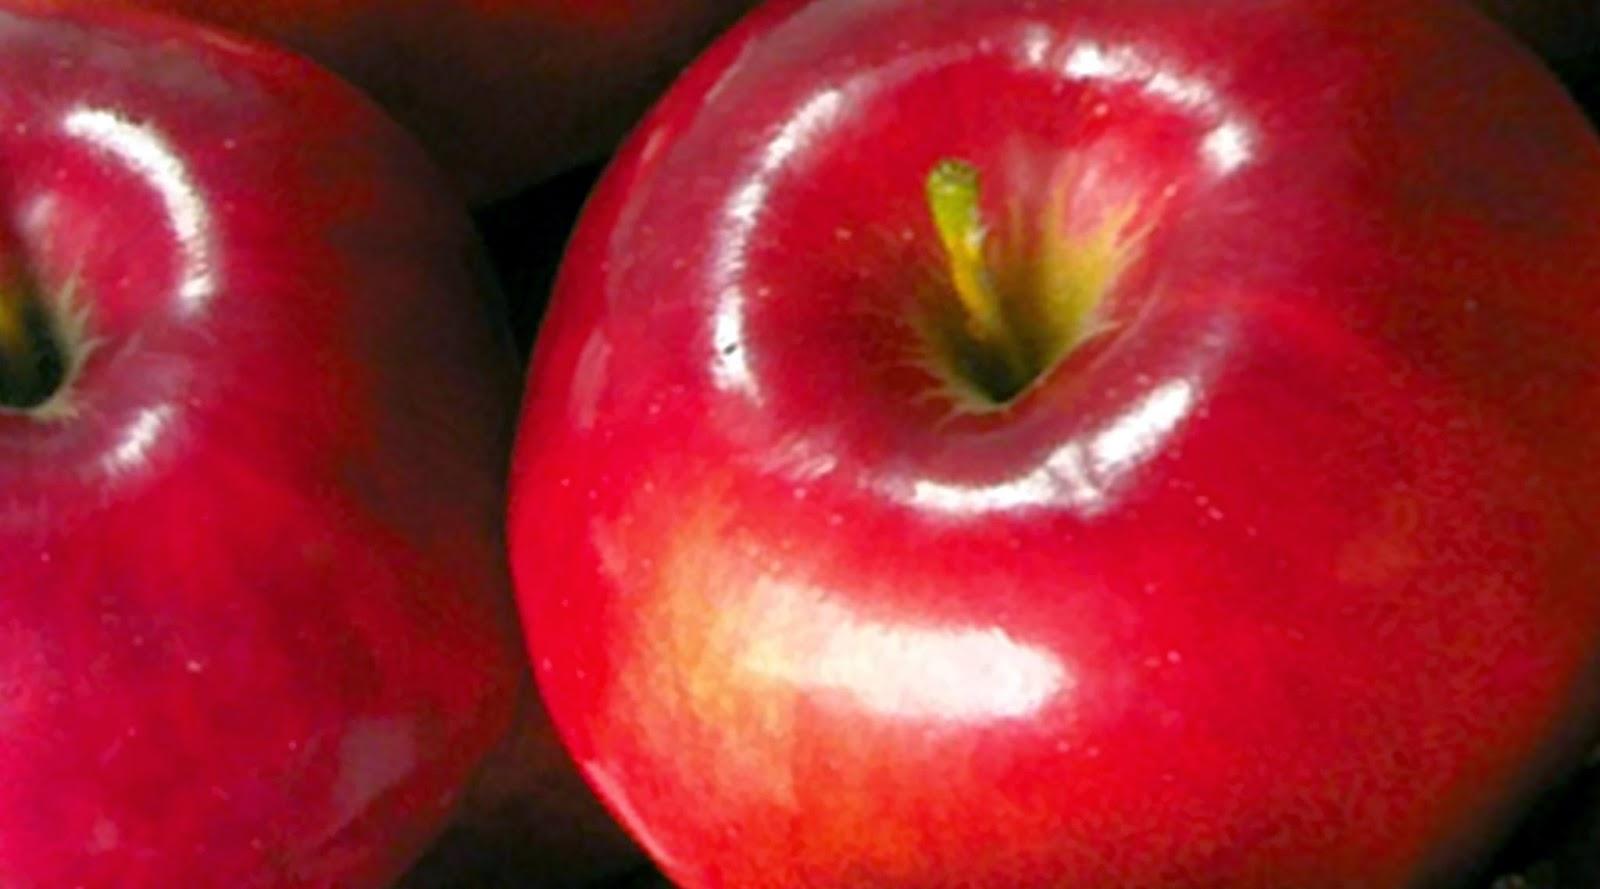 Manfaat Sehat Buah Apel yang Perlu untuk Diketahui